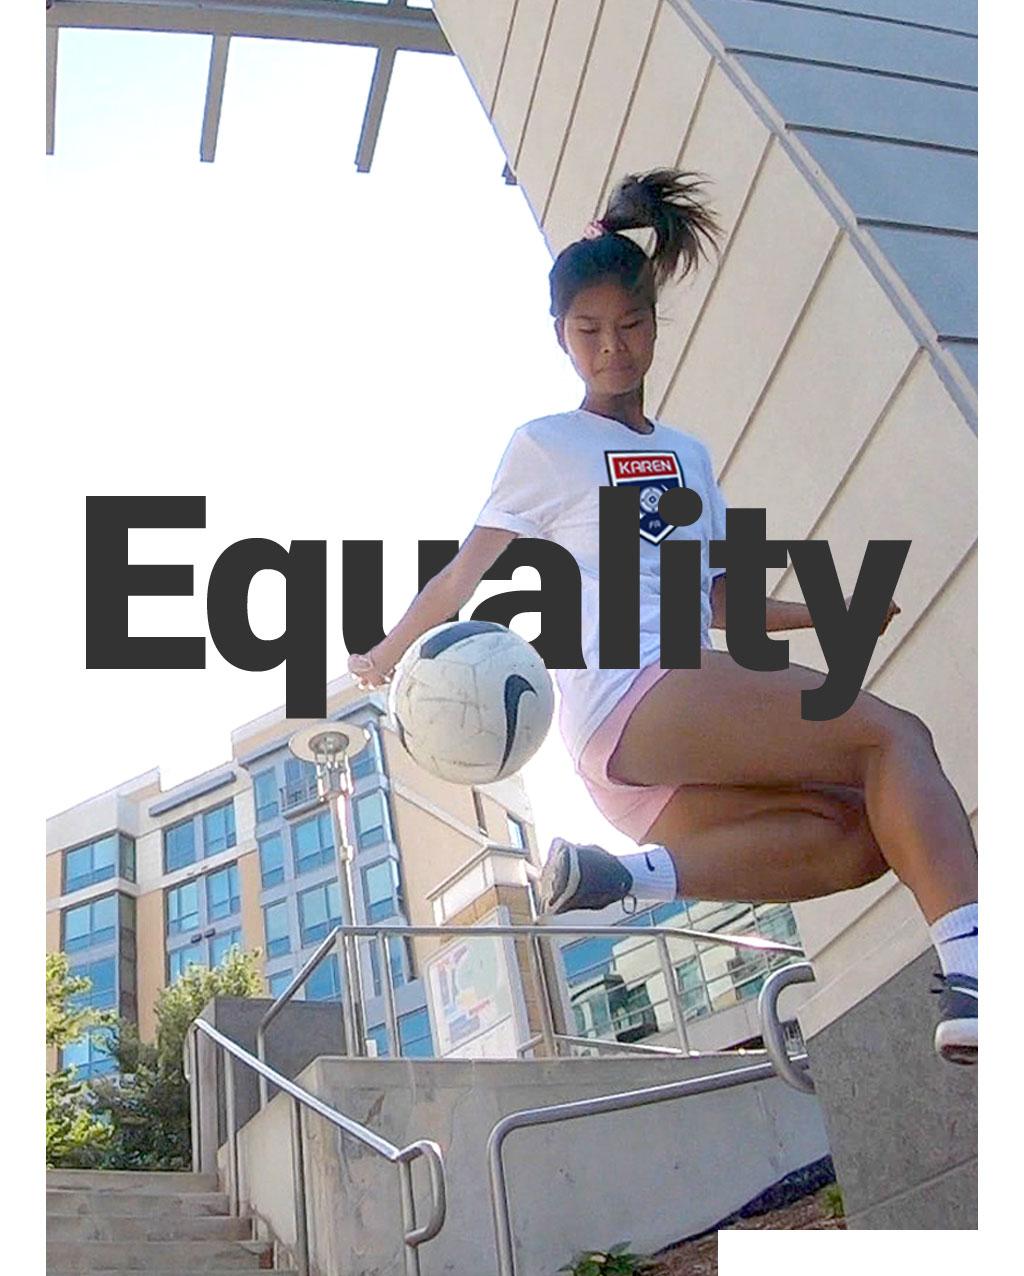 karen-national-team-full-image-header-mobile-equality-new2